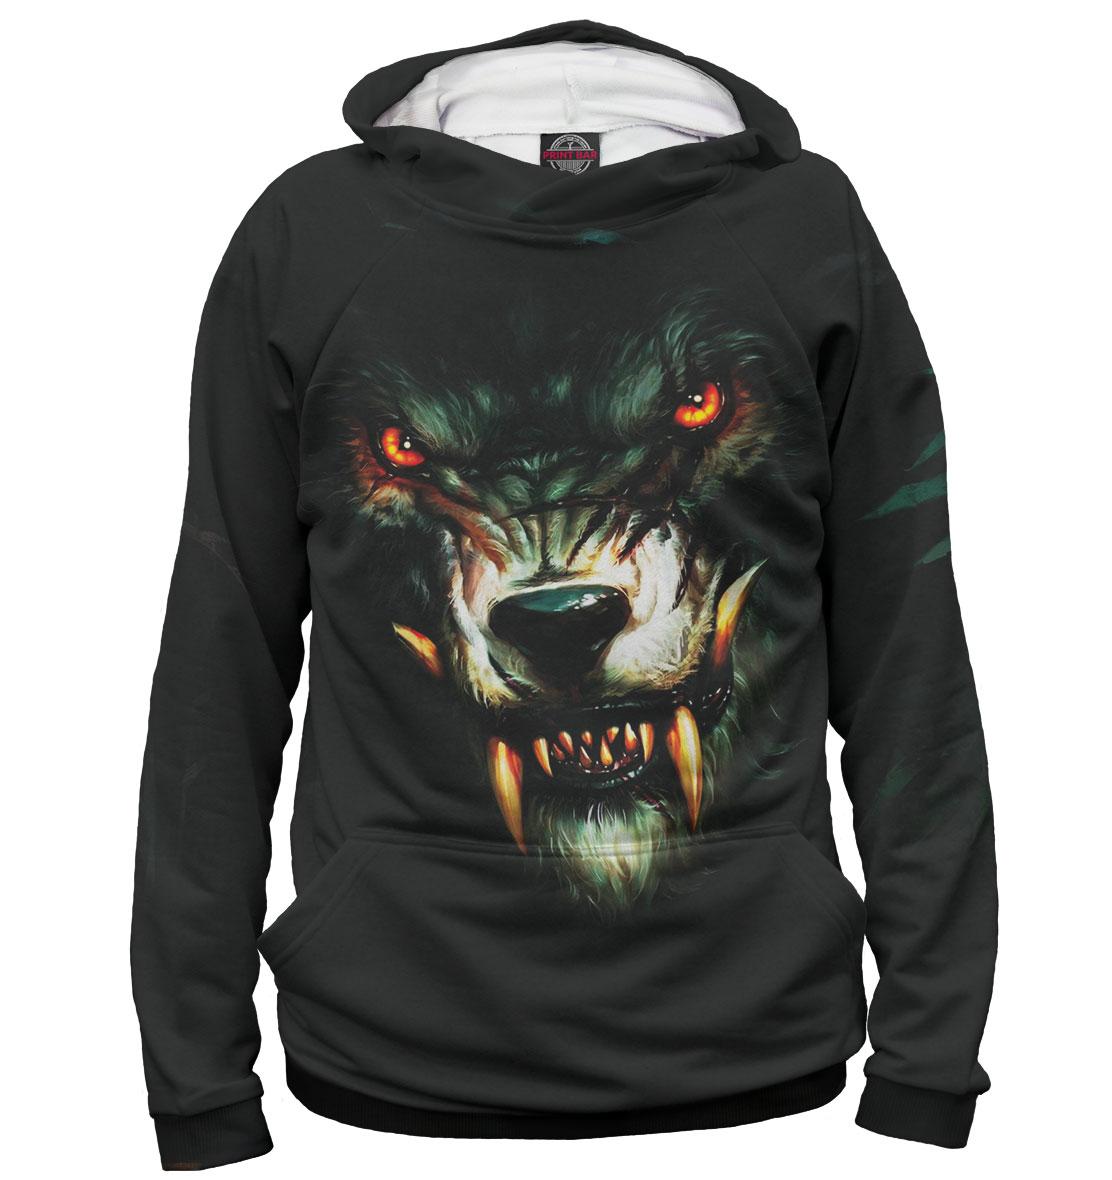 Купить Волк, Printbar, Худи, VLF-925446-hud-2